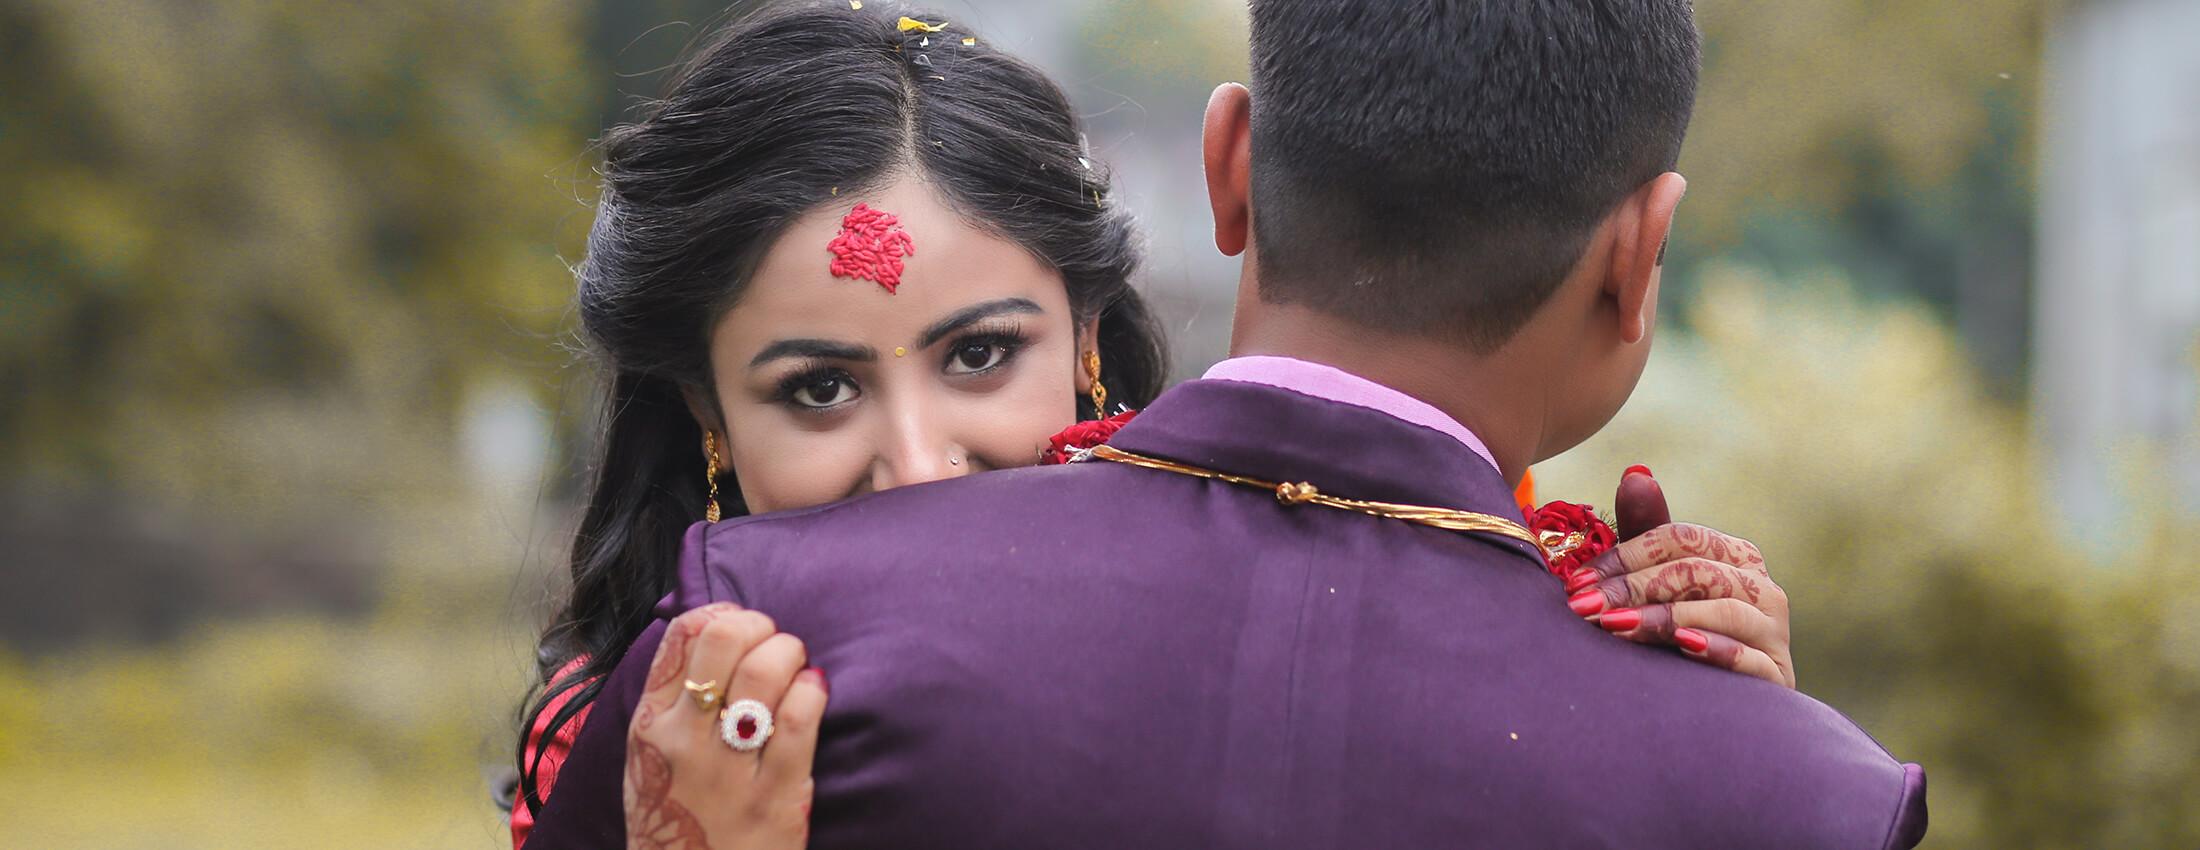 Ritika Engagement - Imgstock, Biratnagar